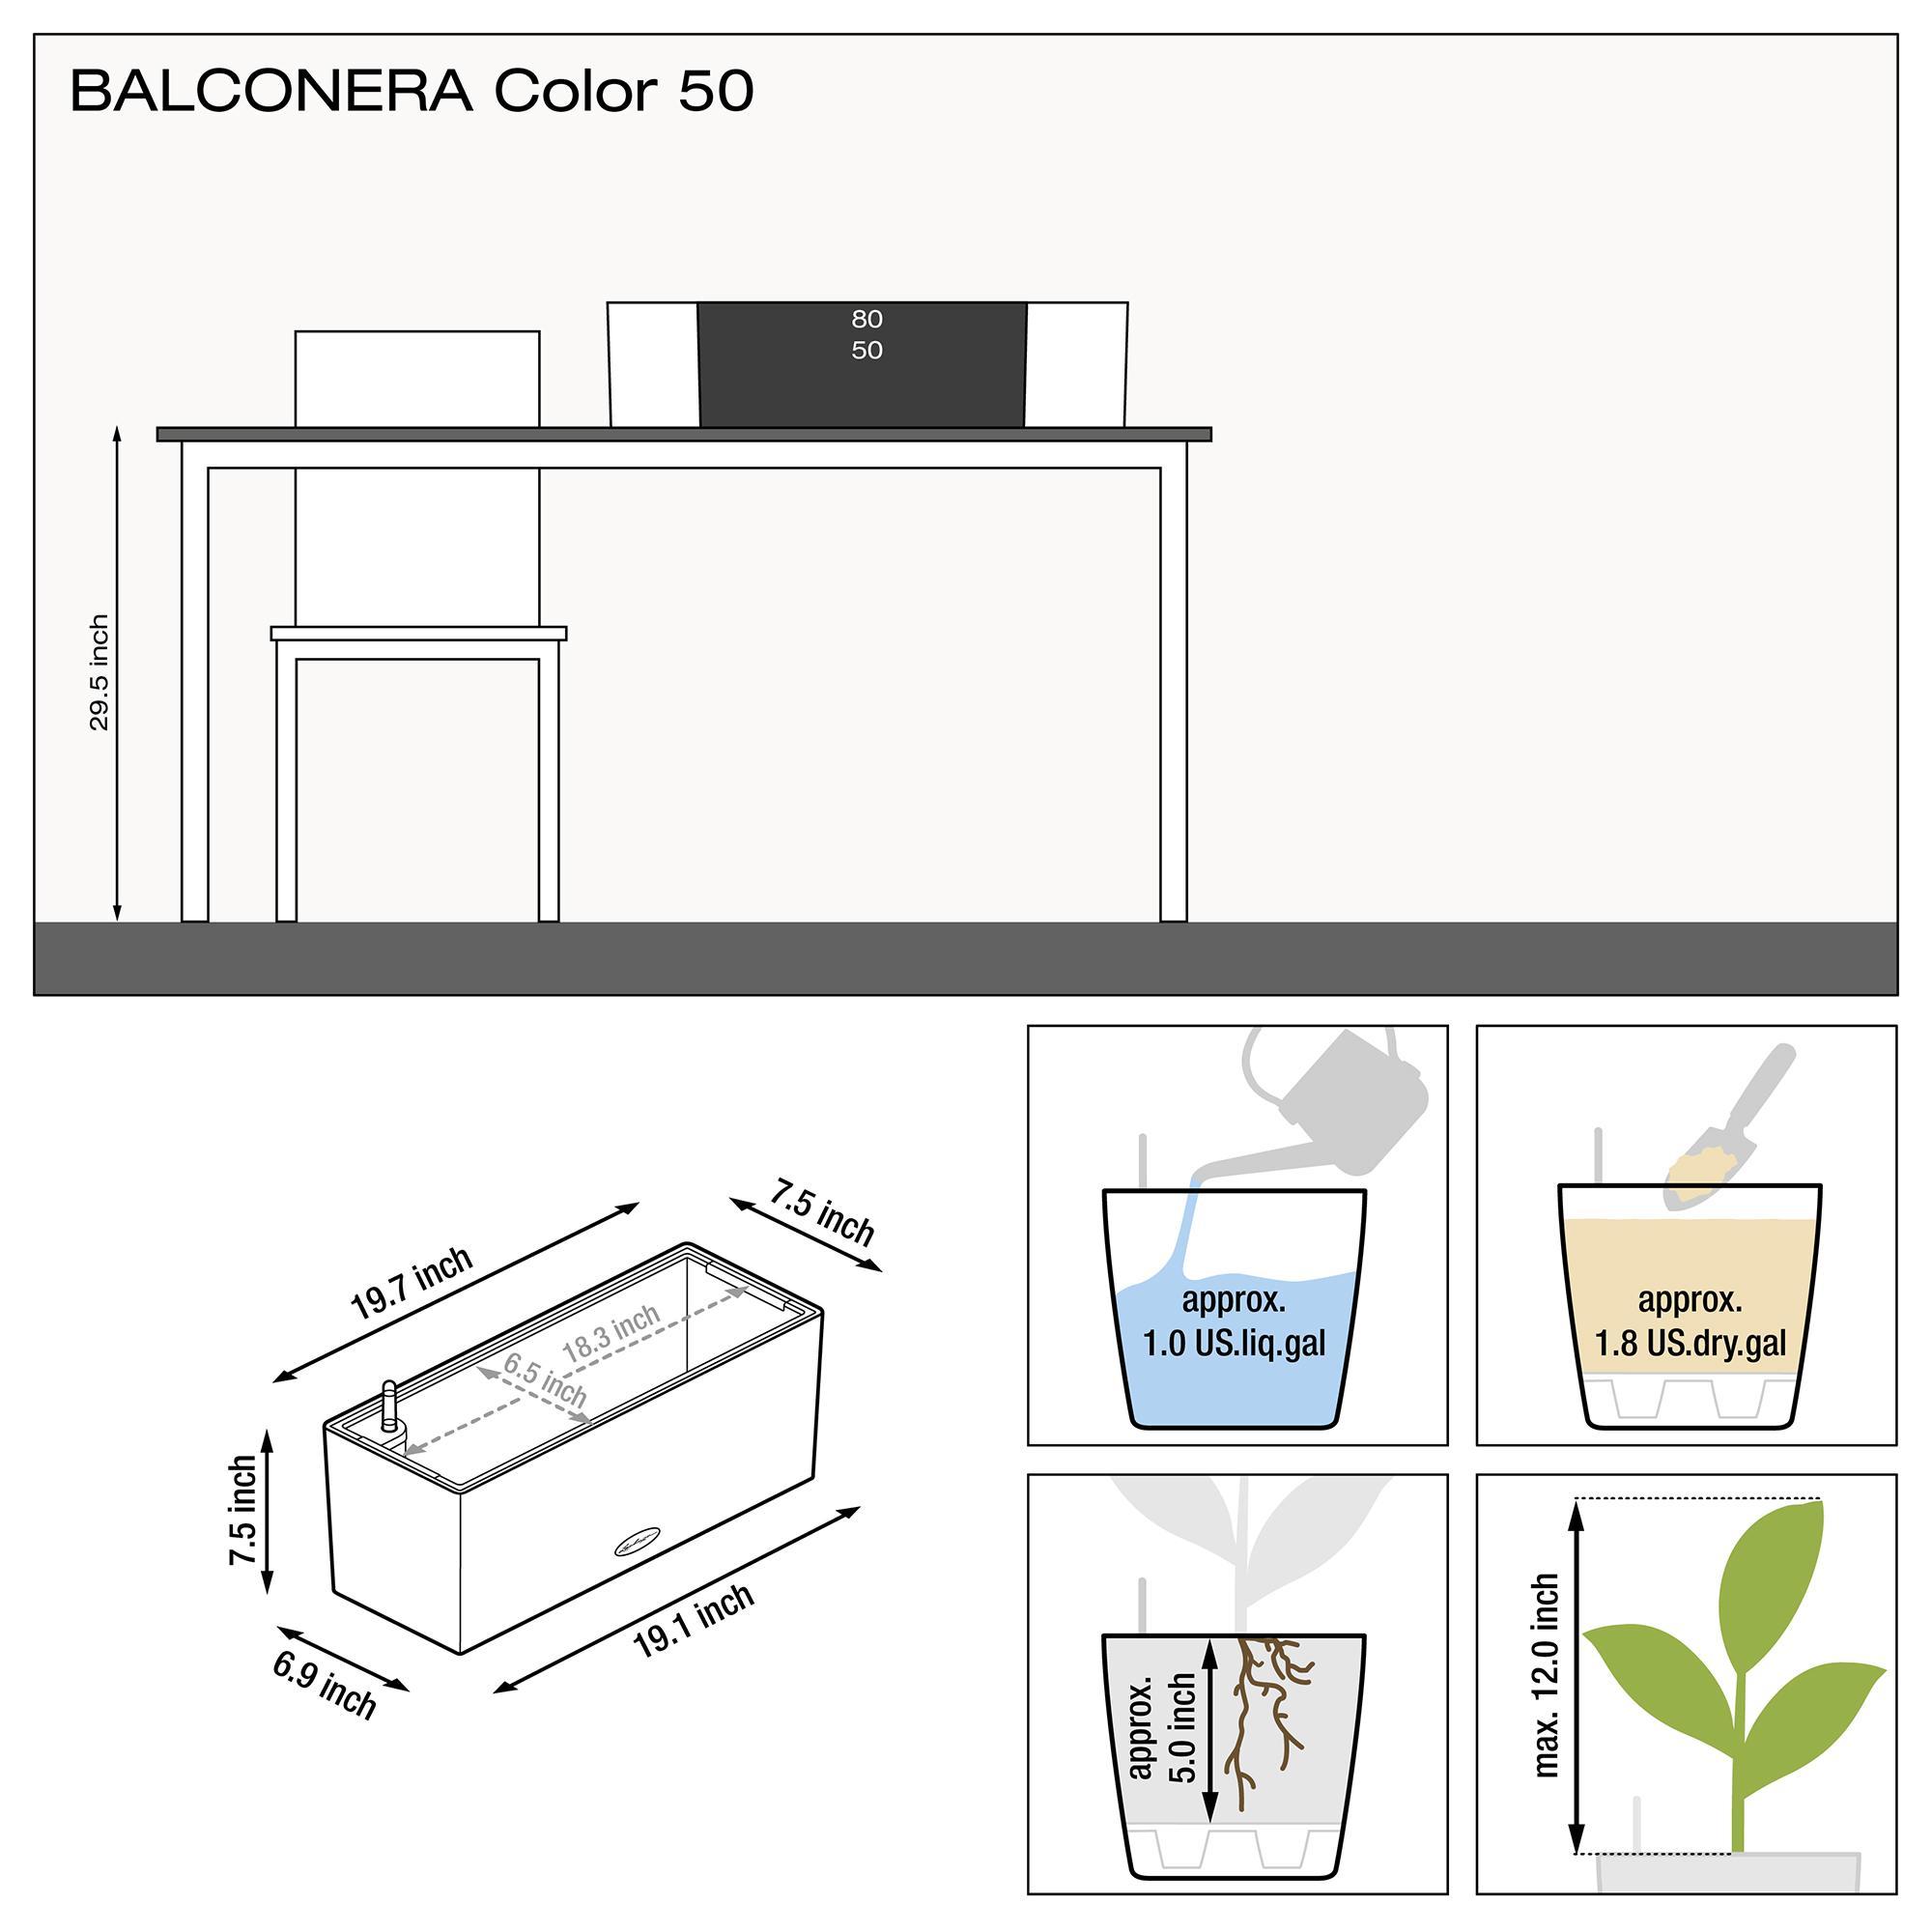 le_balconera-color50_product_addi_nz_us